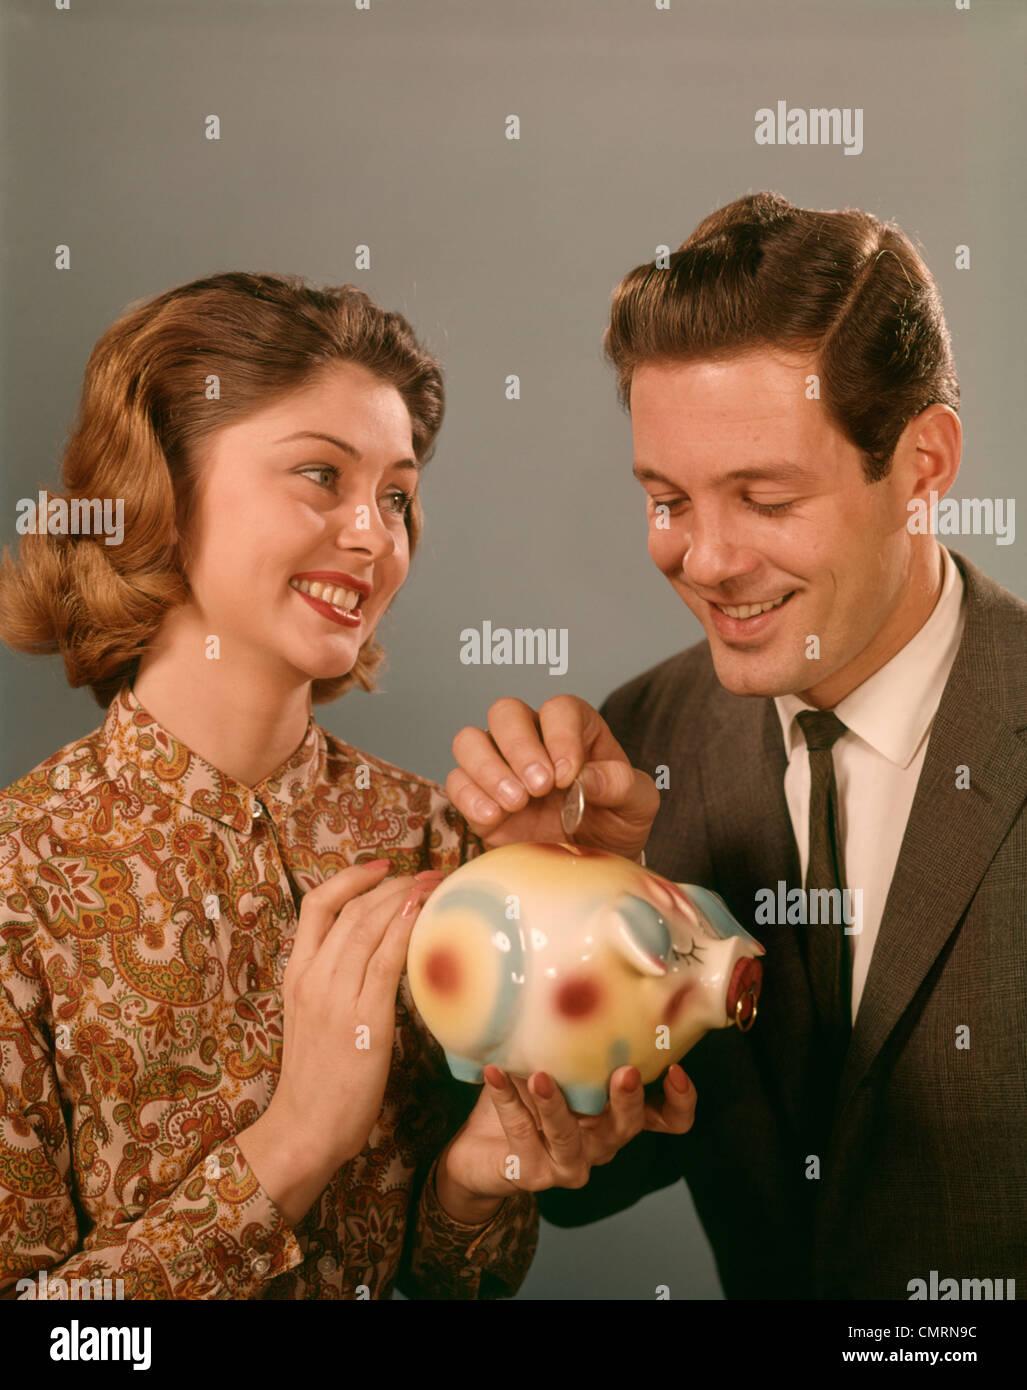 1960 1960 feliz pareja sonriente poner monedas en la hucha de cerdo dinero finanzas ahorro Ahorro bancario parejas Imagen De Stock